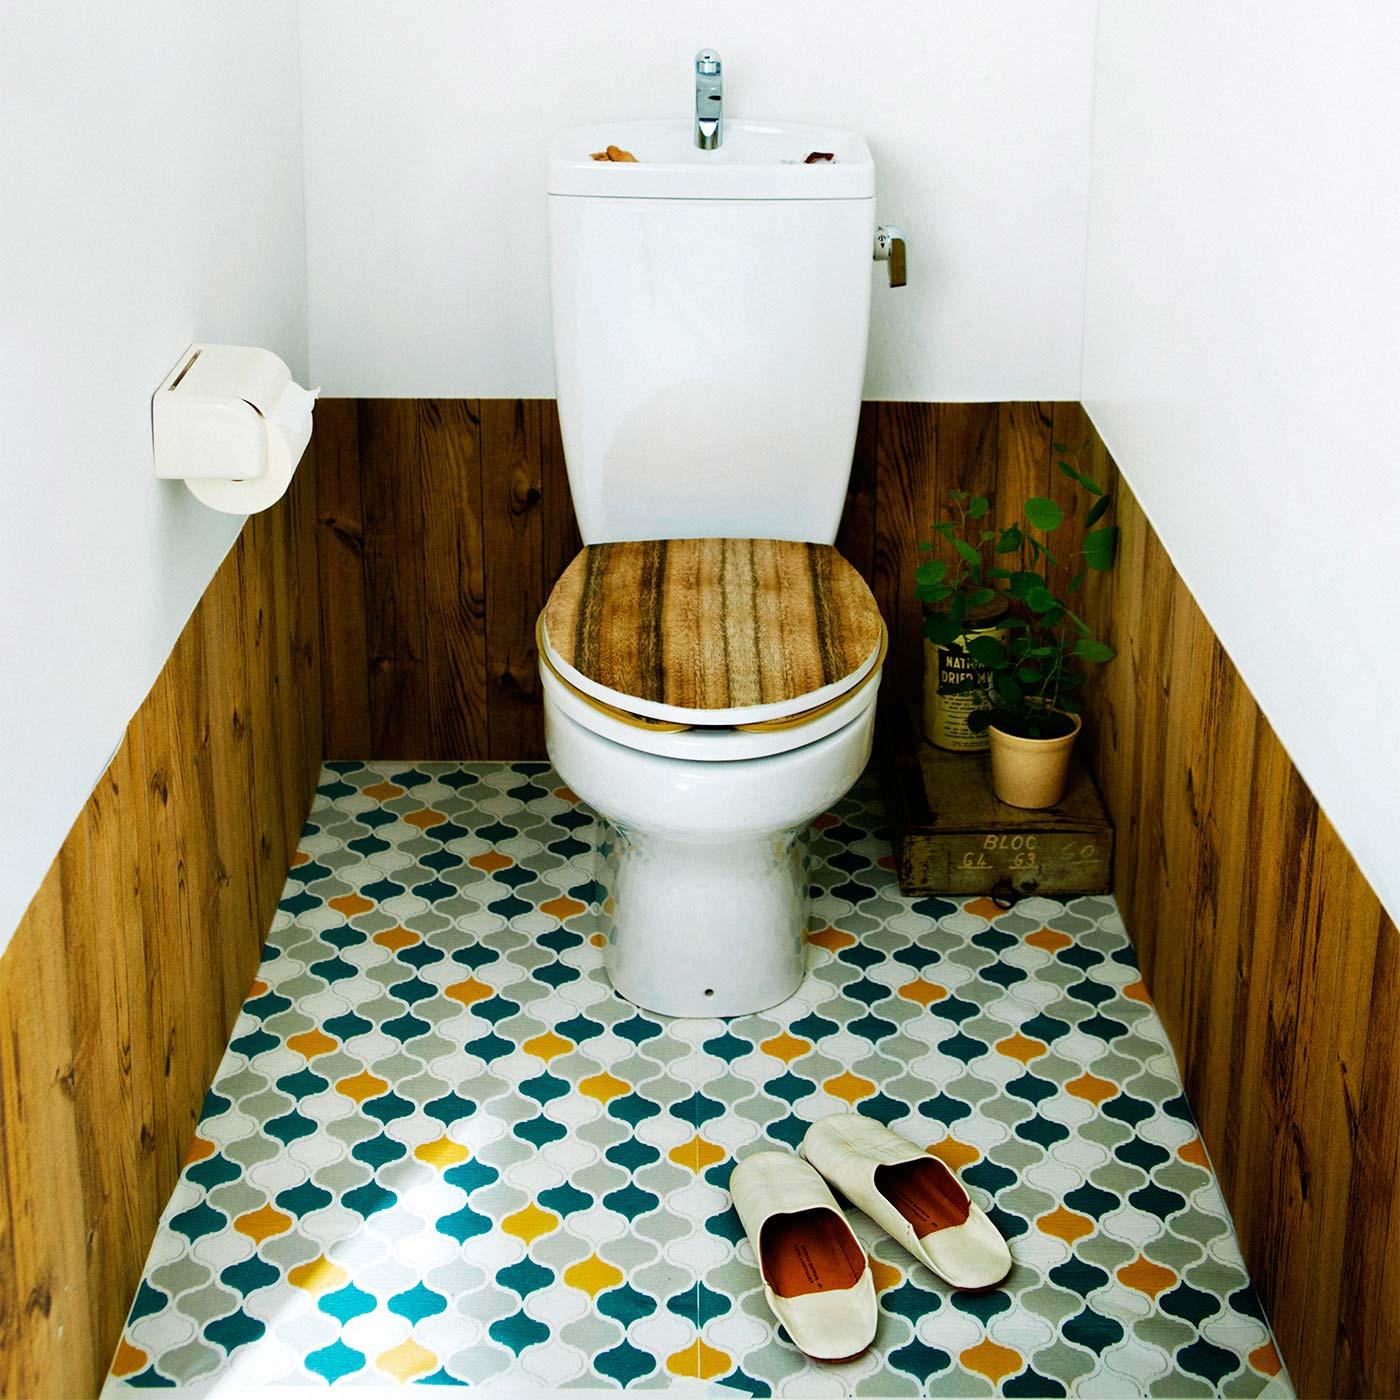 貼るだけで簡単リメイク カットできるトイレふたカバー〈木目柄〉